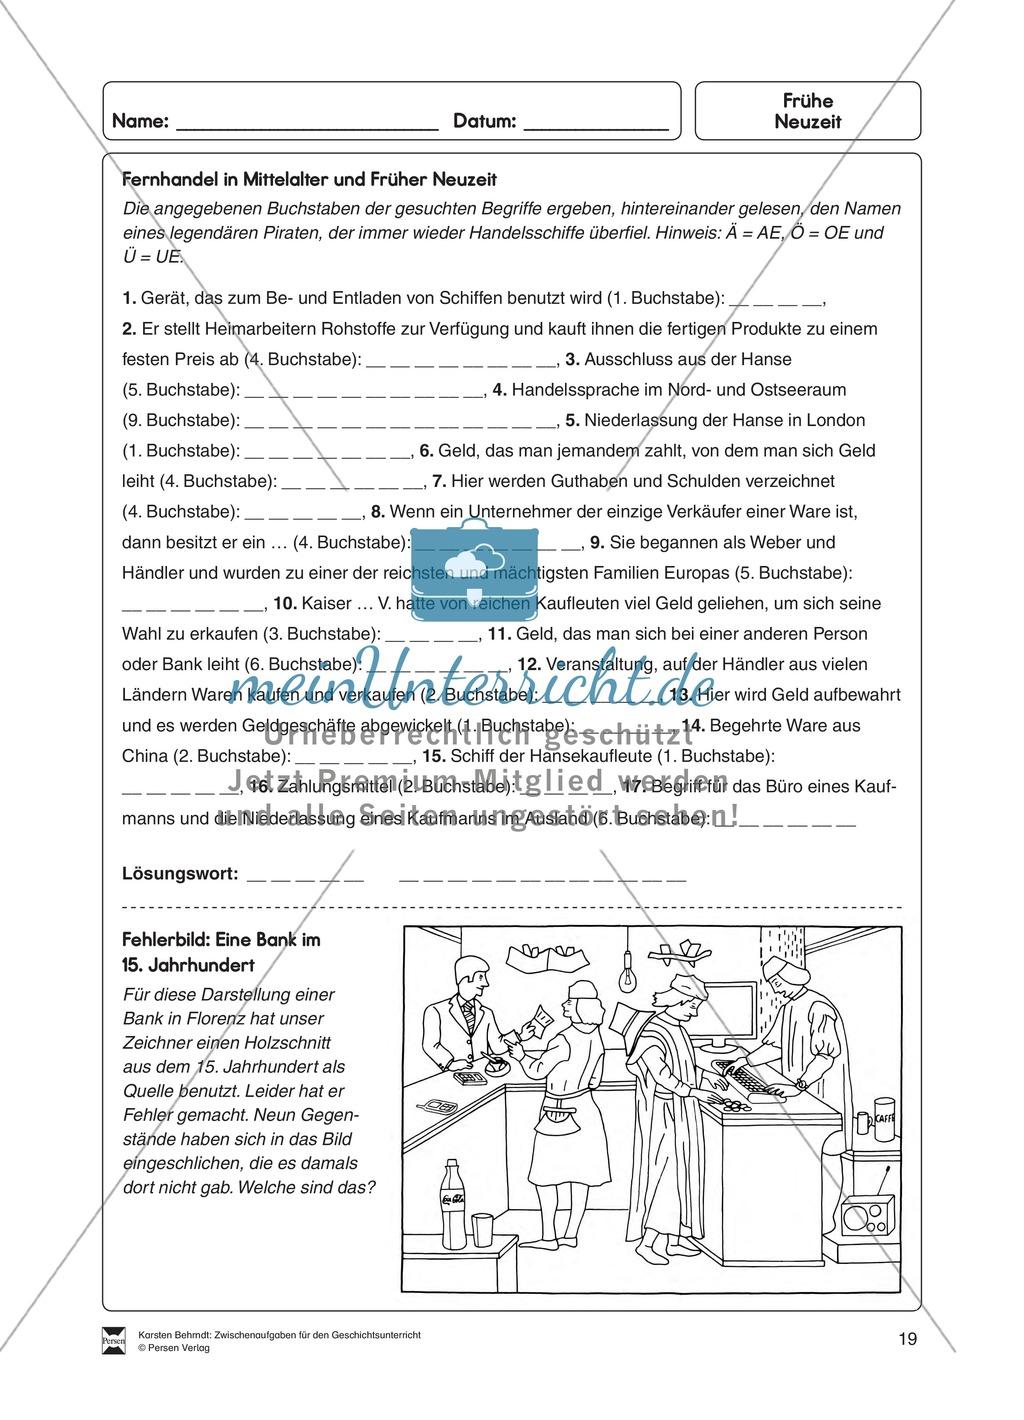 Lückenrätsel zum Fernhandel im Mittelalter und früher Neuzeit ...